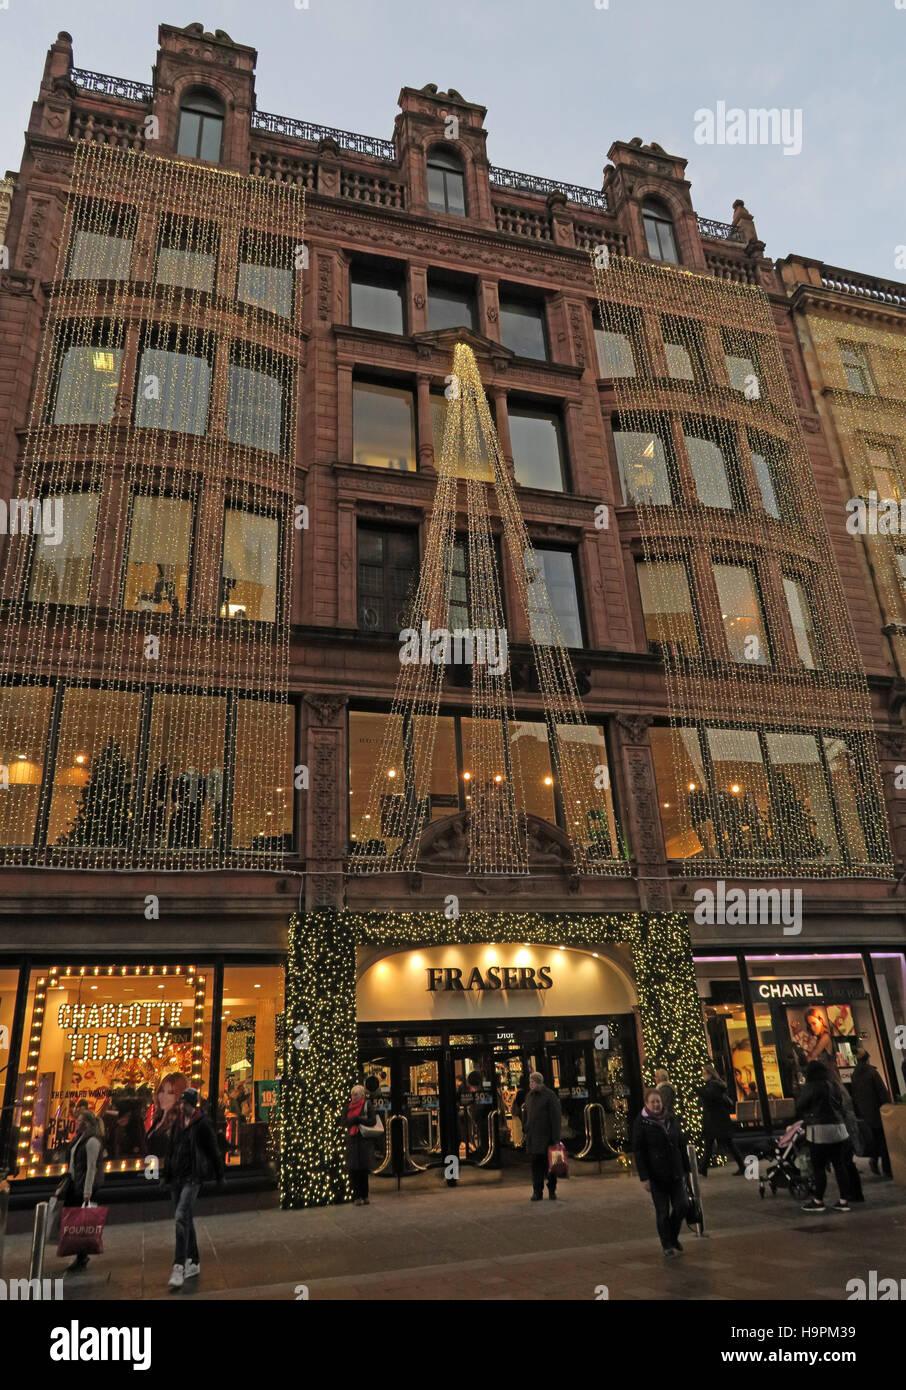 Laden Sie dieses Alamy Stockfoto Fraser Dept Store, 45 Buchanan St, Weihnachten, Glasgow, Schottland, UK - H9PM39